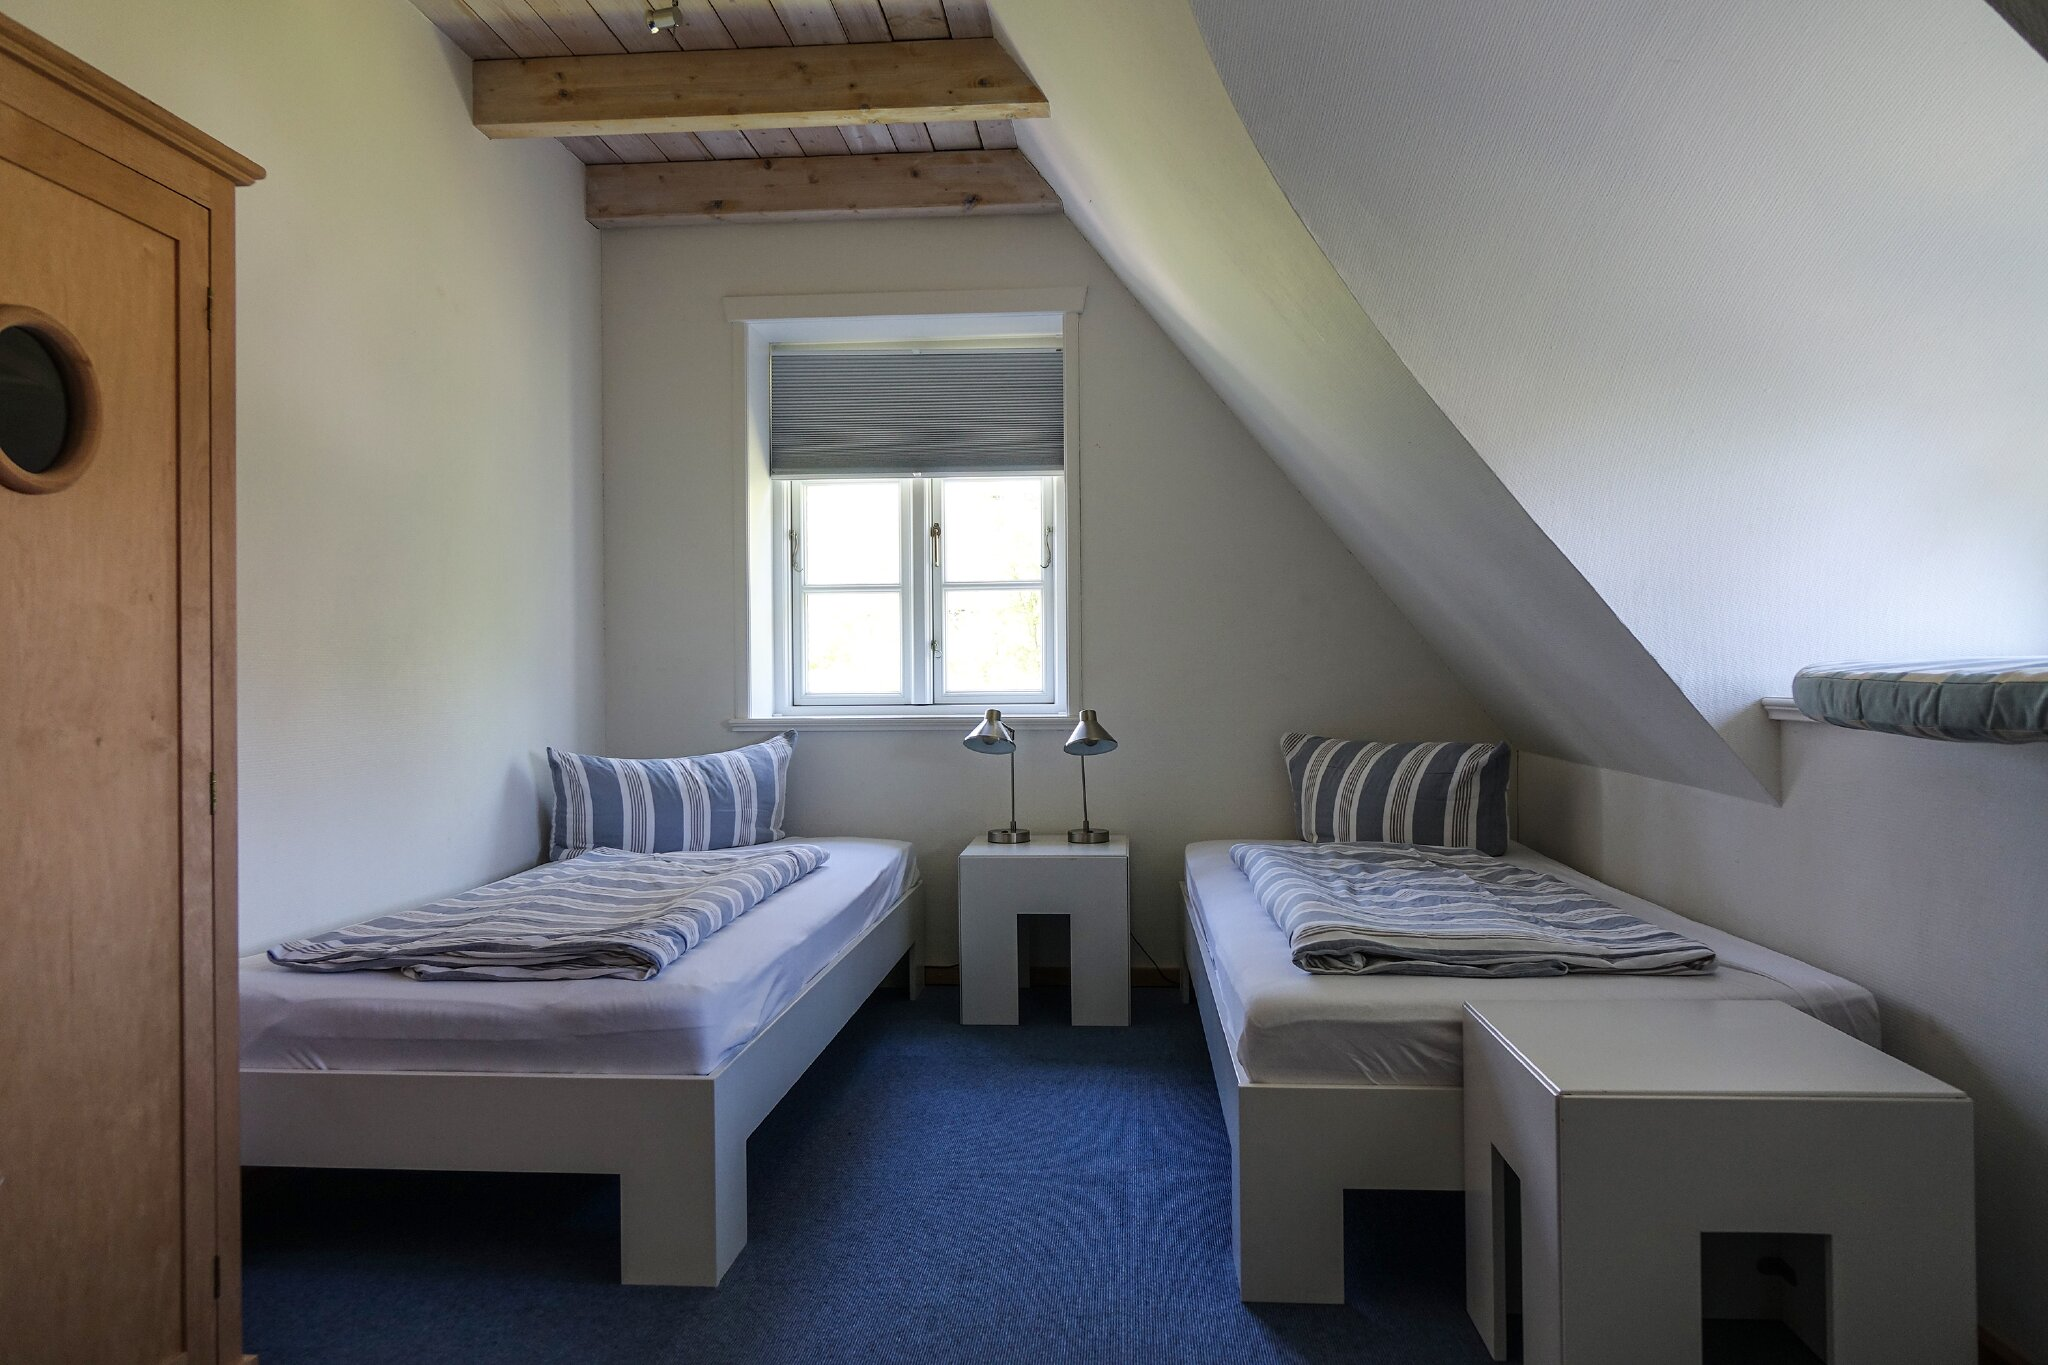 Kinderzimmer mit zwei Einzelbetten